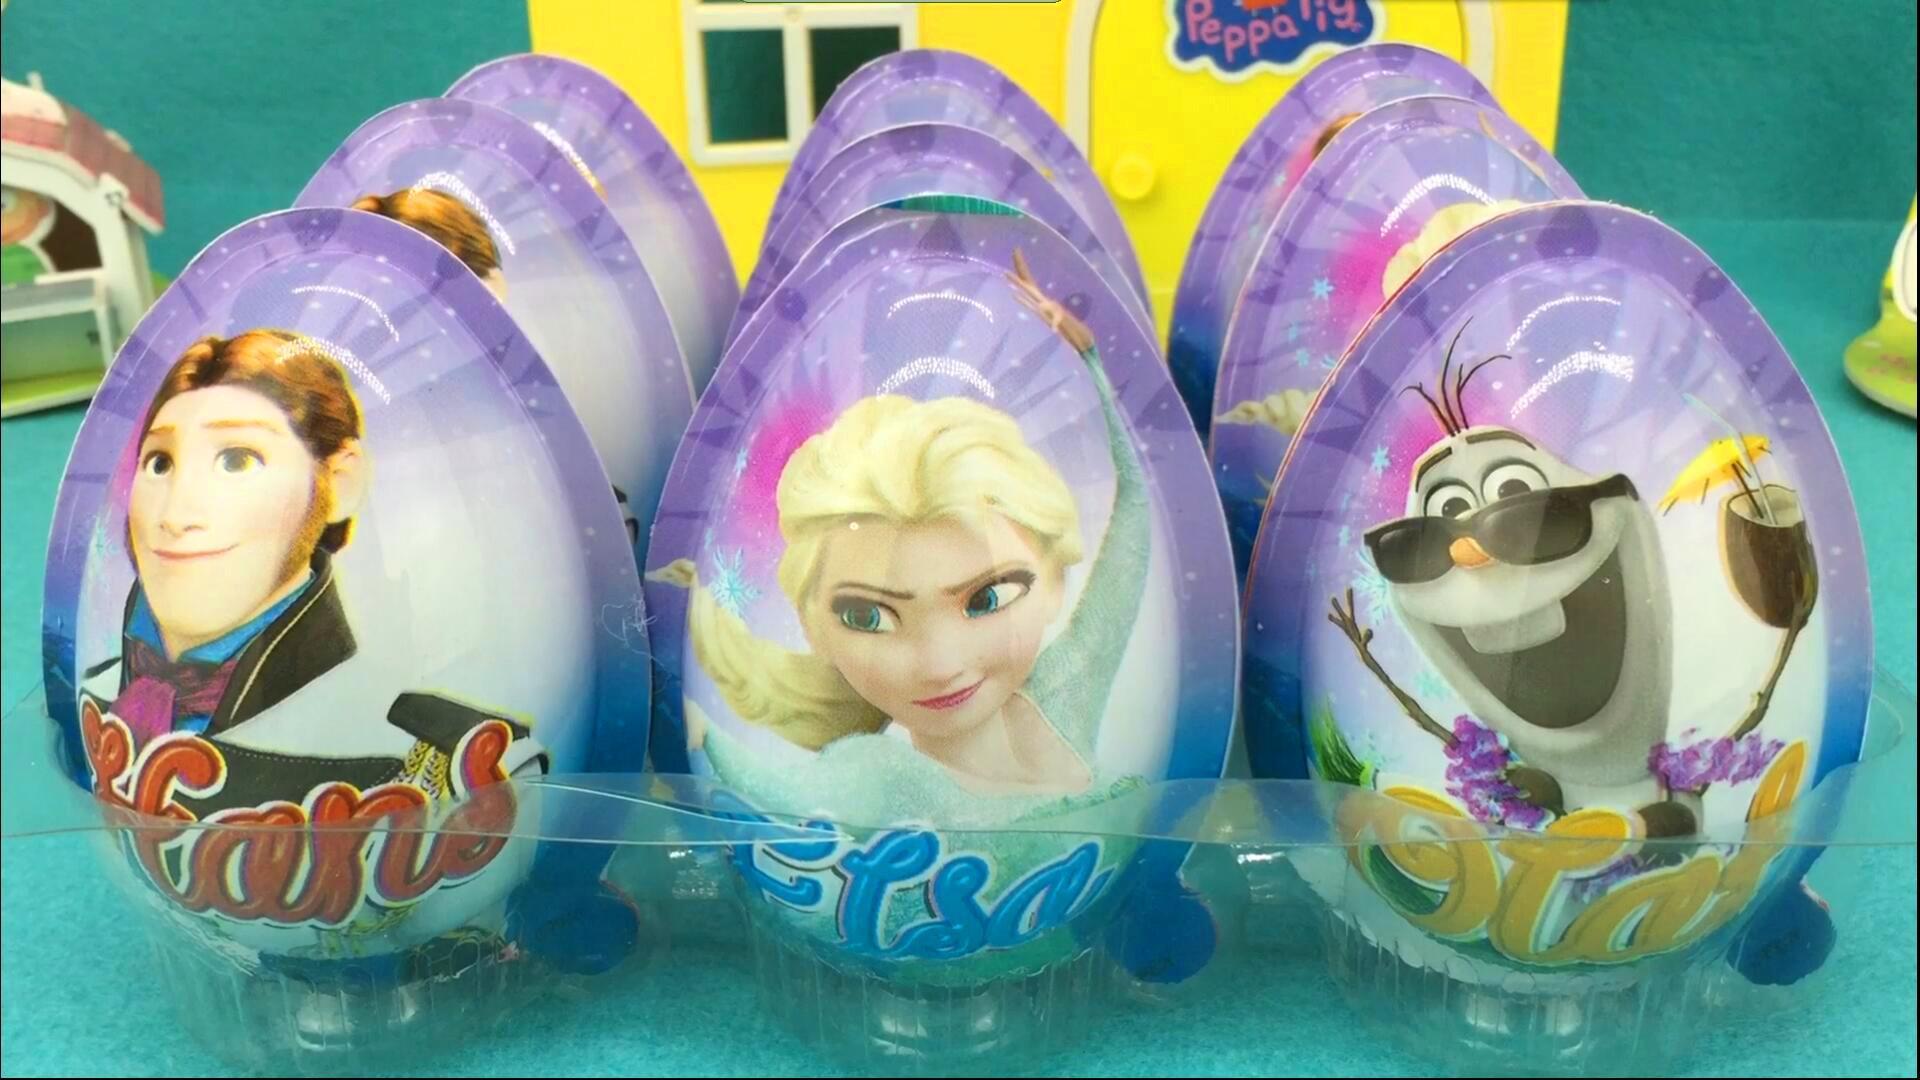 冰雪奇缘艾莎公主奇趣蛋 安娜公主惊喜蛋